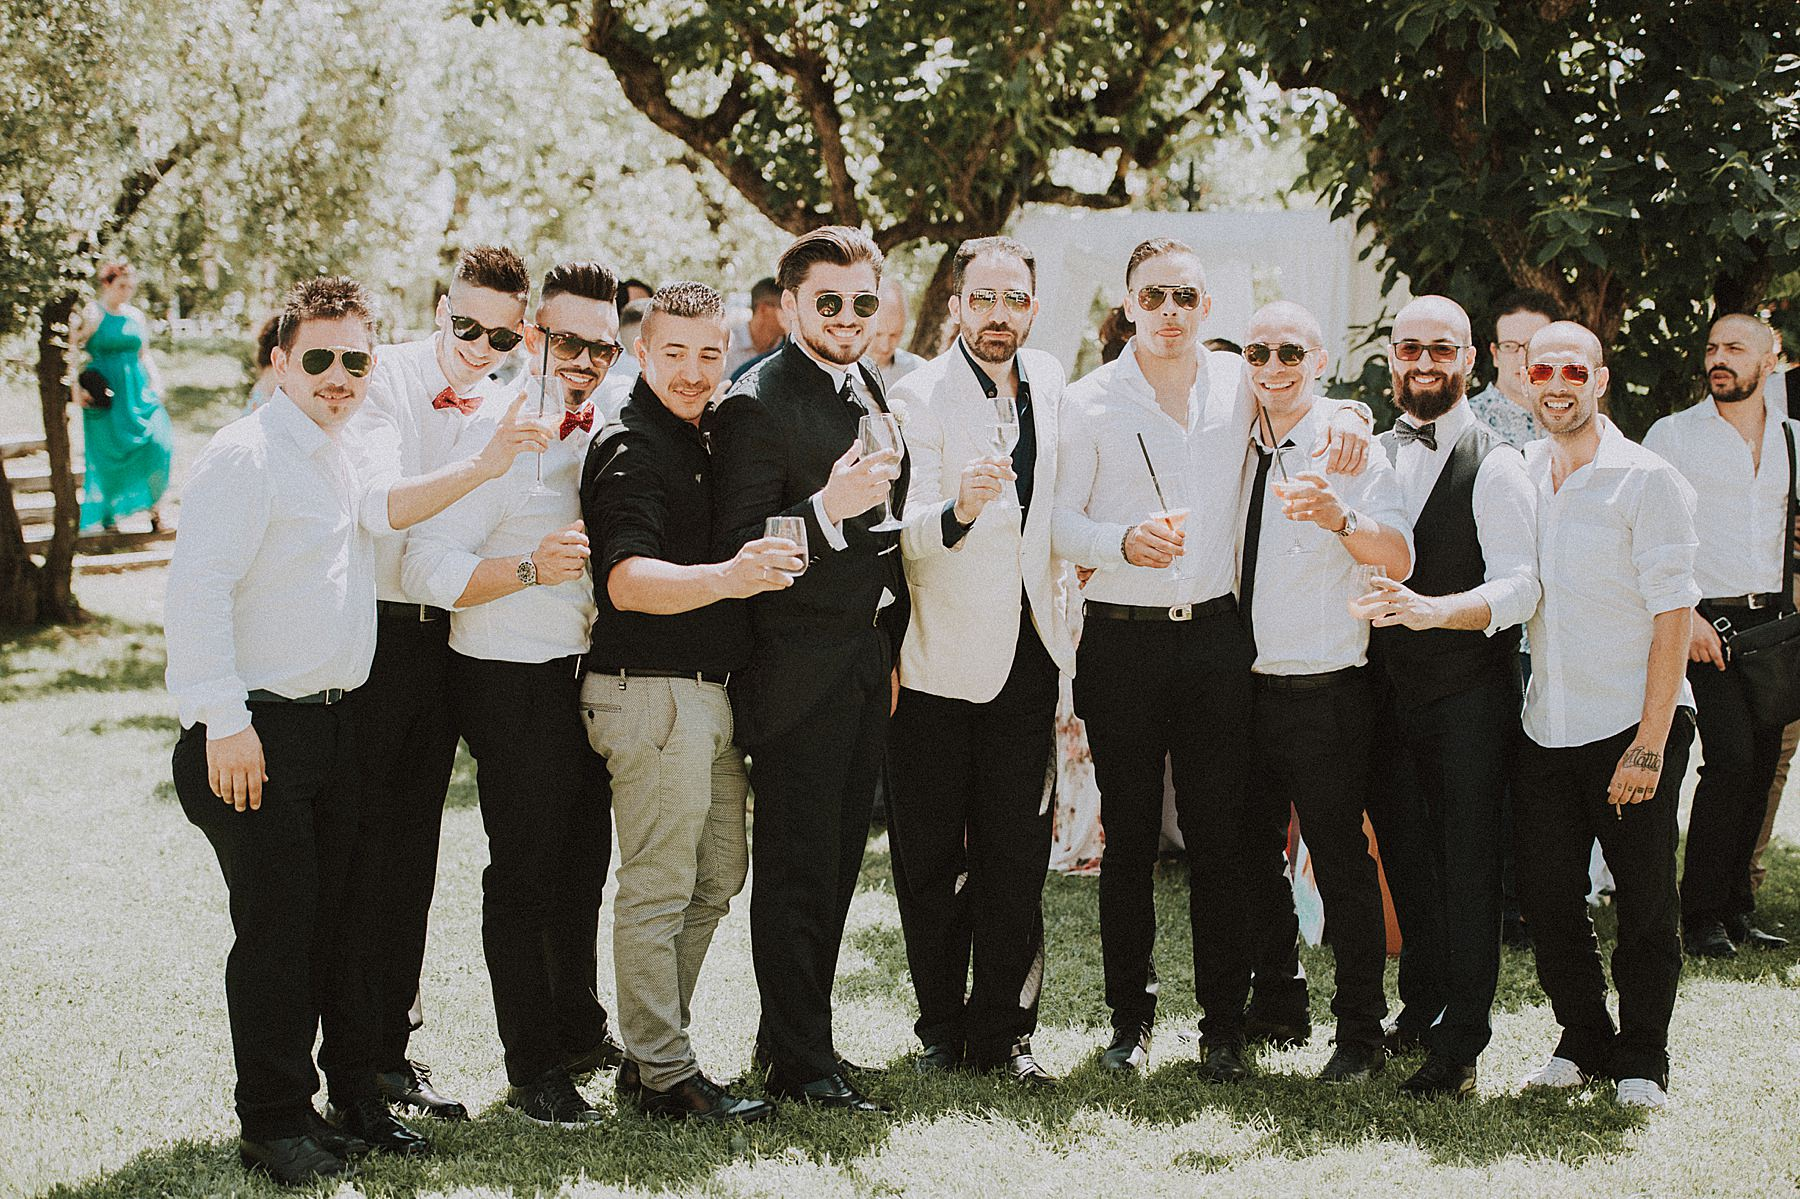 foto amici dello sposo